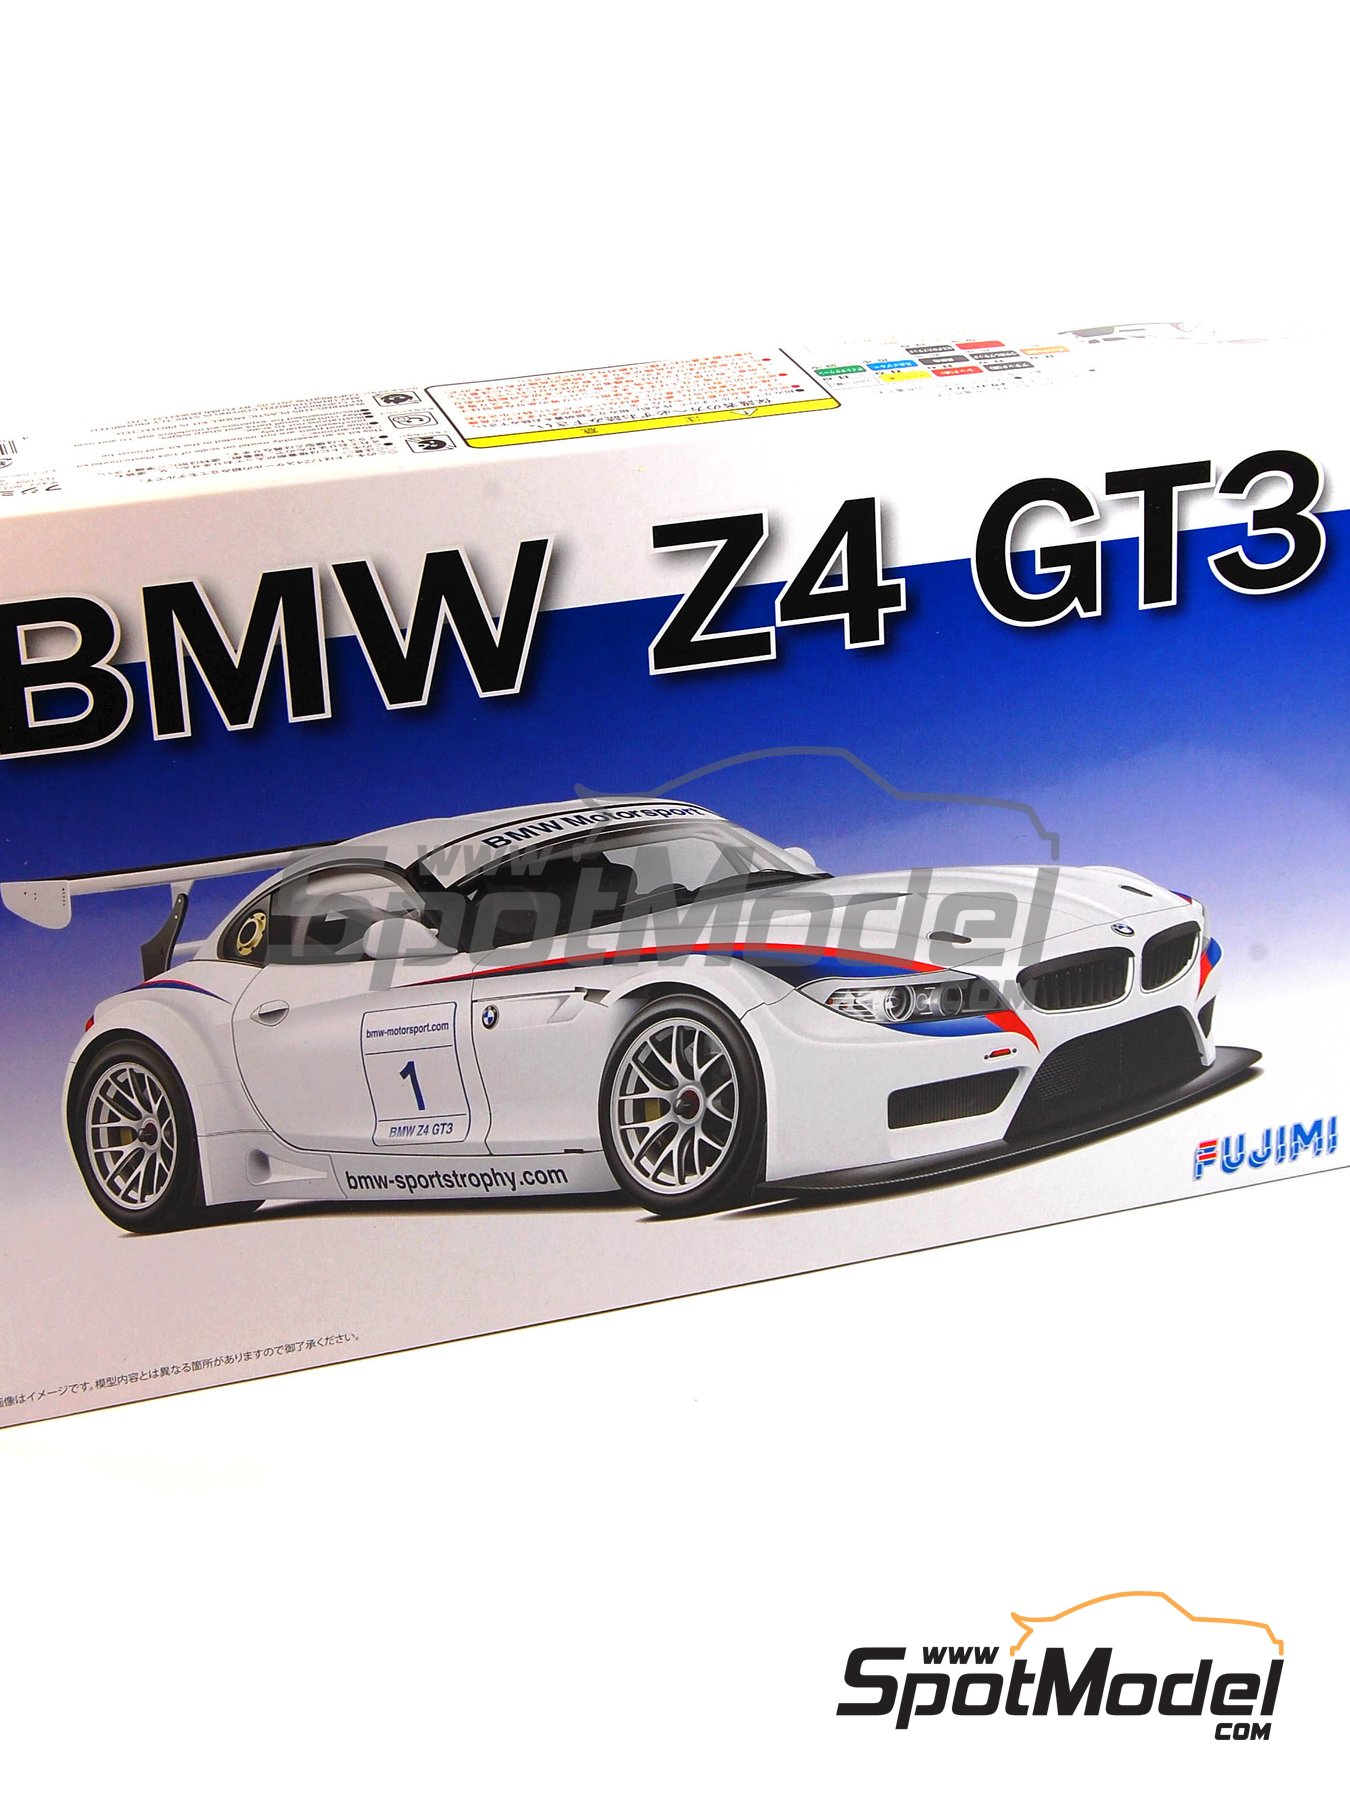 BMW Z4 GT3 | Maqueta de coche en escala1/24 fabricado por Fujimi (ref.FJ125565, tambien 125565 y RS-31) image